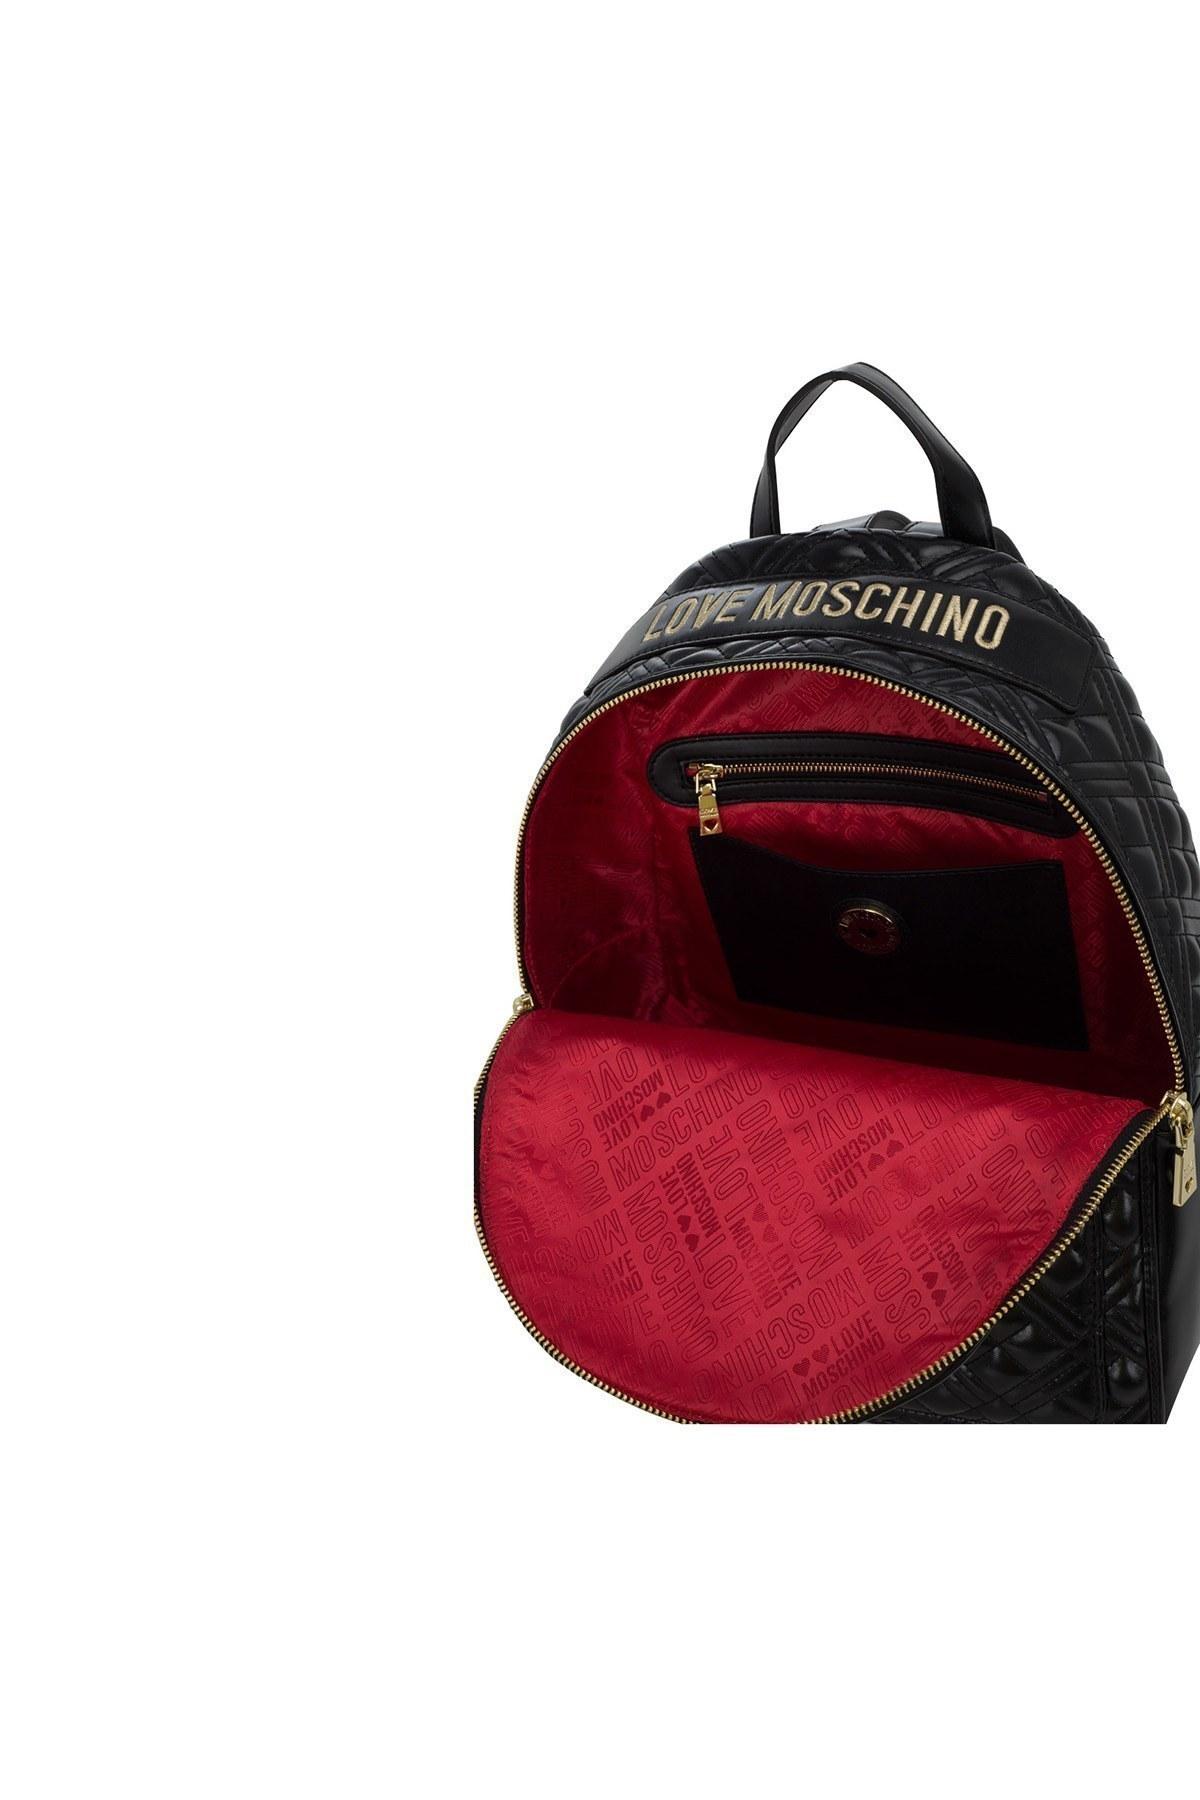 Love Moschino Logo Baskılı Ayarlanabilir Askılı Kadın Çanta JC4007PP1BLA0000 SİYAH